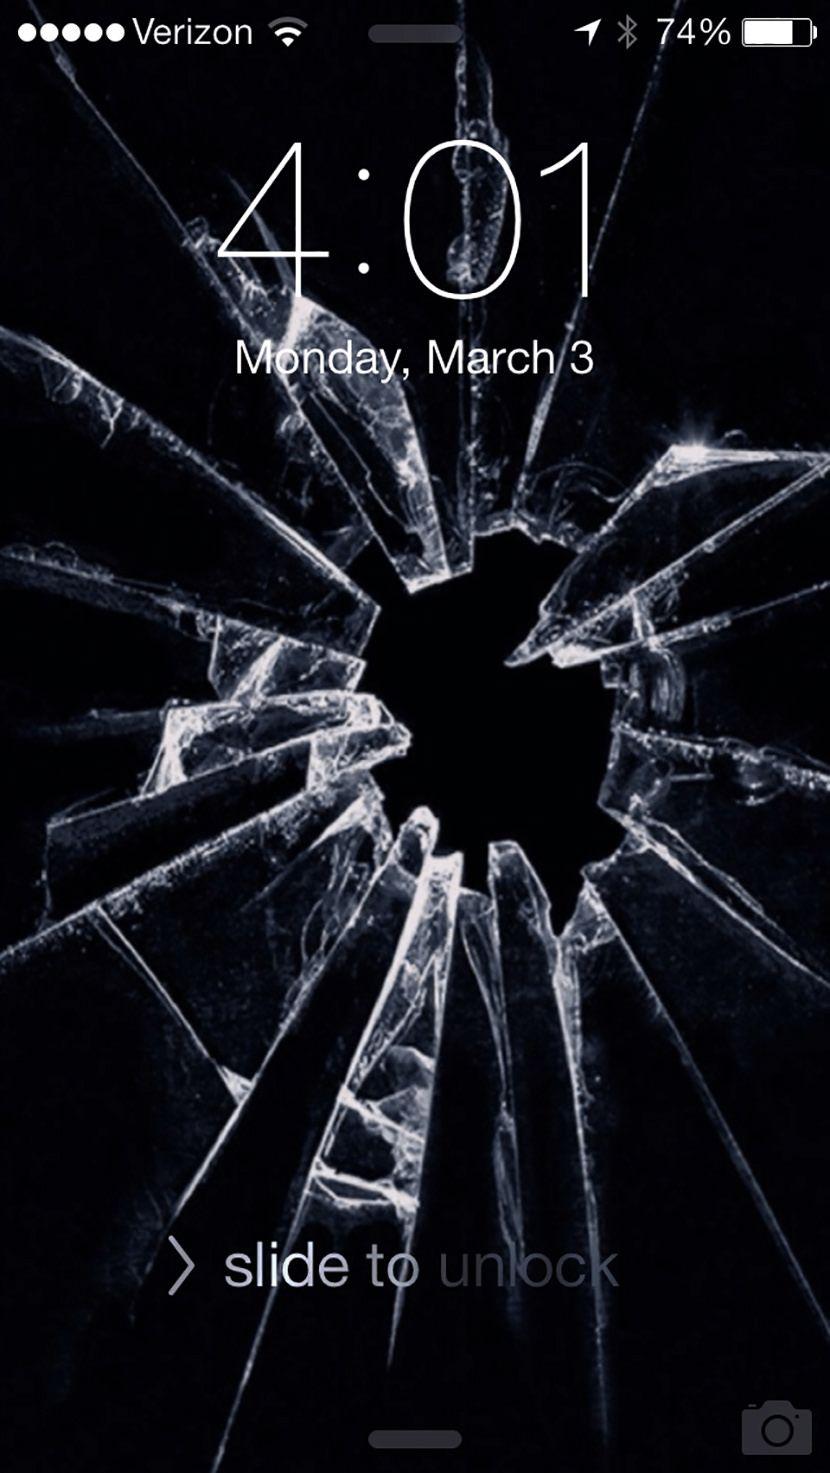 7 Broken Screen Wallpapers Prank For Apple Iphone Broken Screen Wallpaper Broken Screen Screen Wallpaper